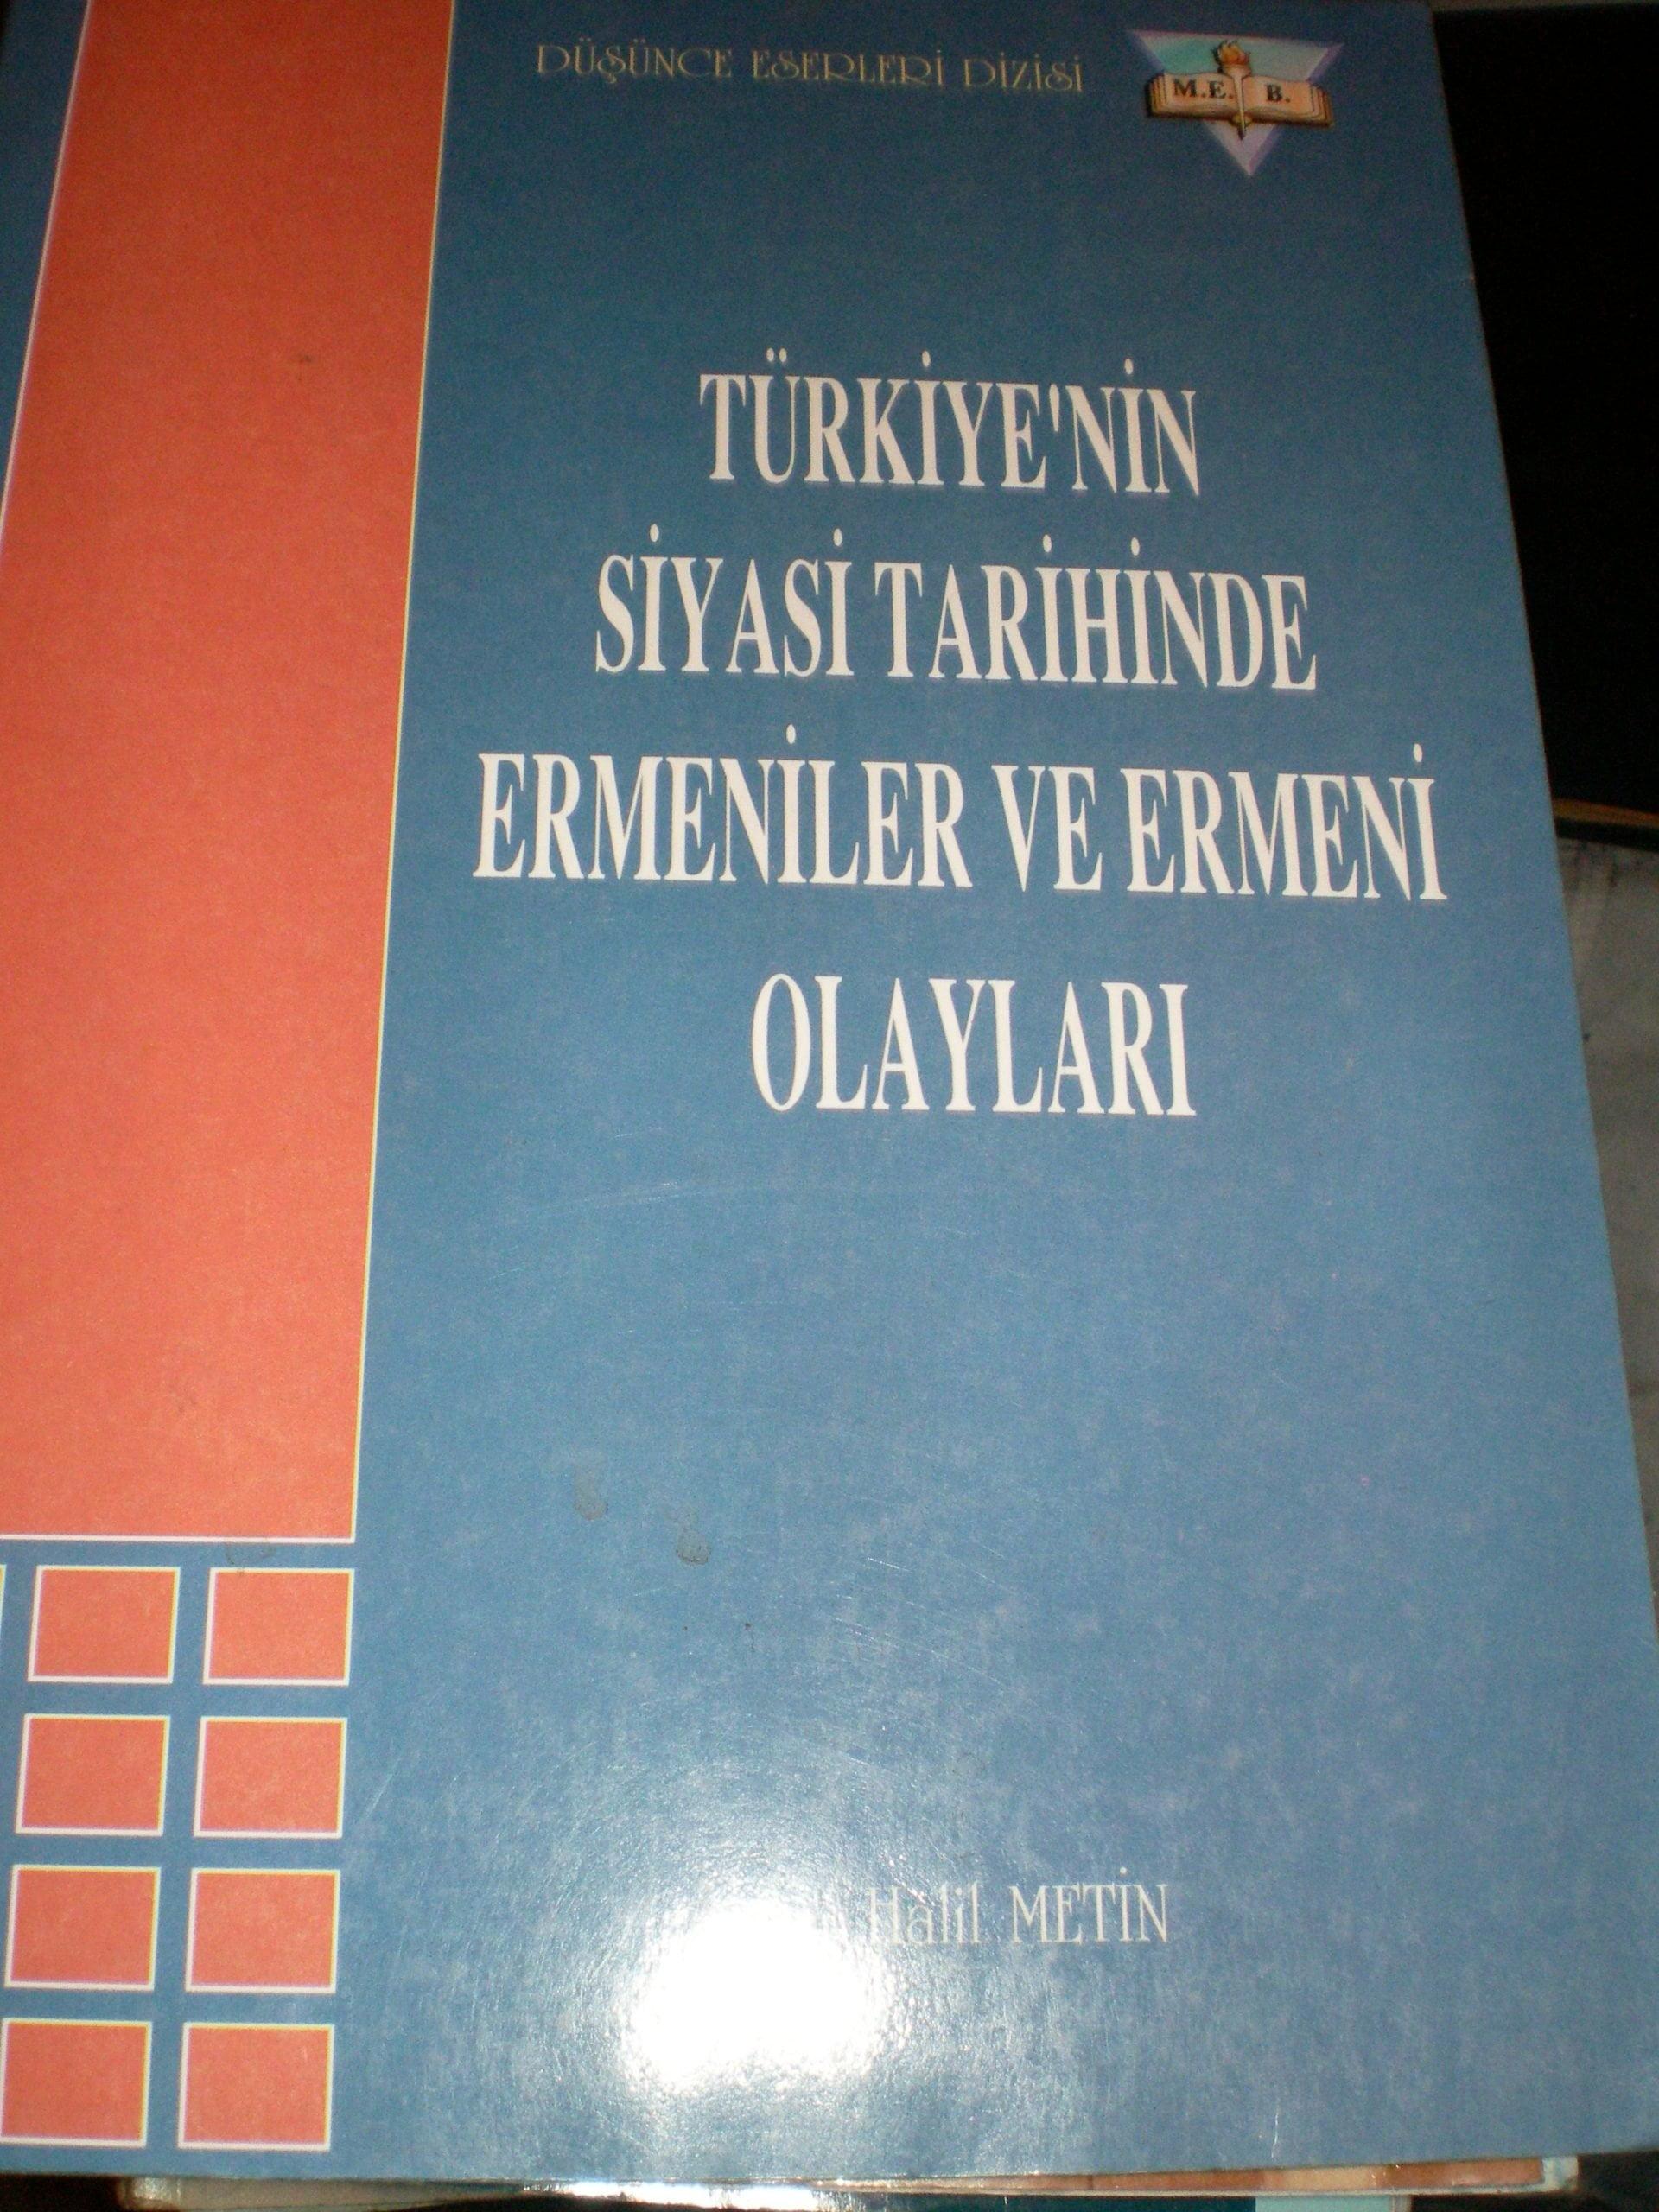 TÜRKİYE'NİN SİYASİ TARİHİNDE ERMENİLER VE ERMENİ OLAYLARI/Halil METİN/20 TL